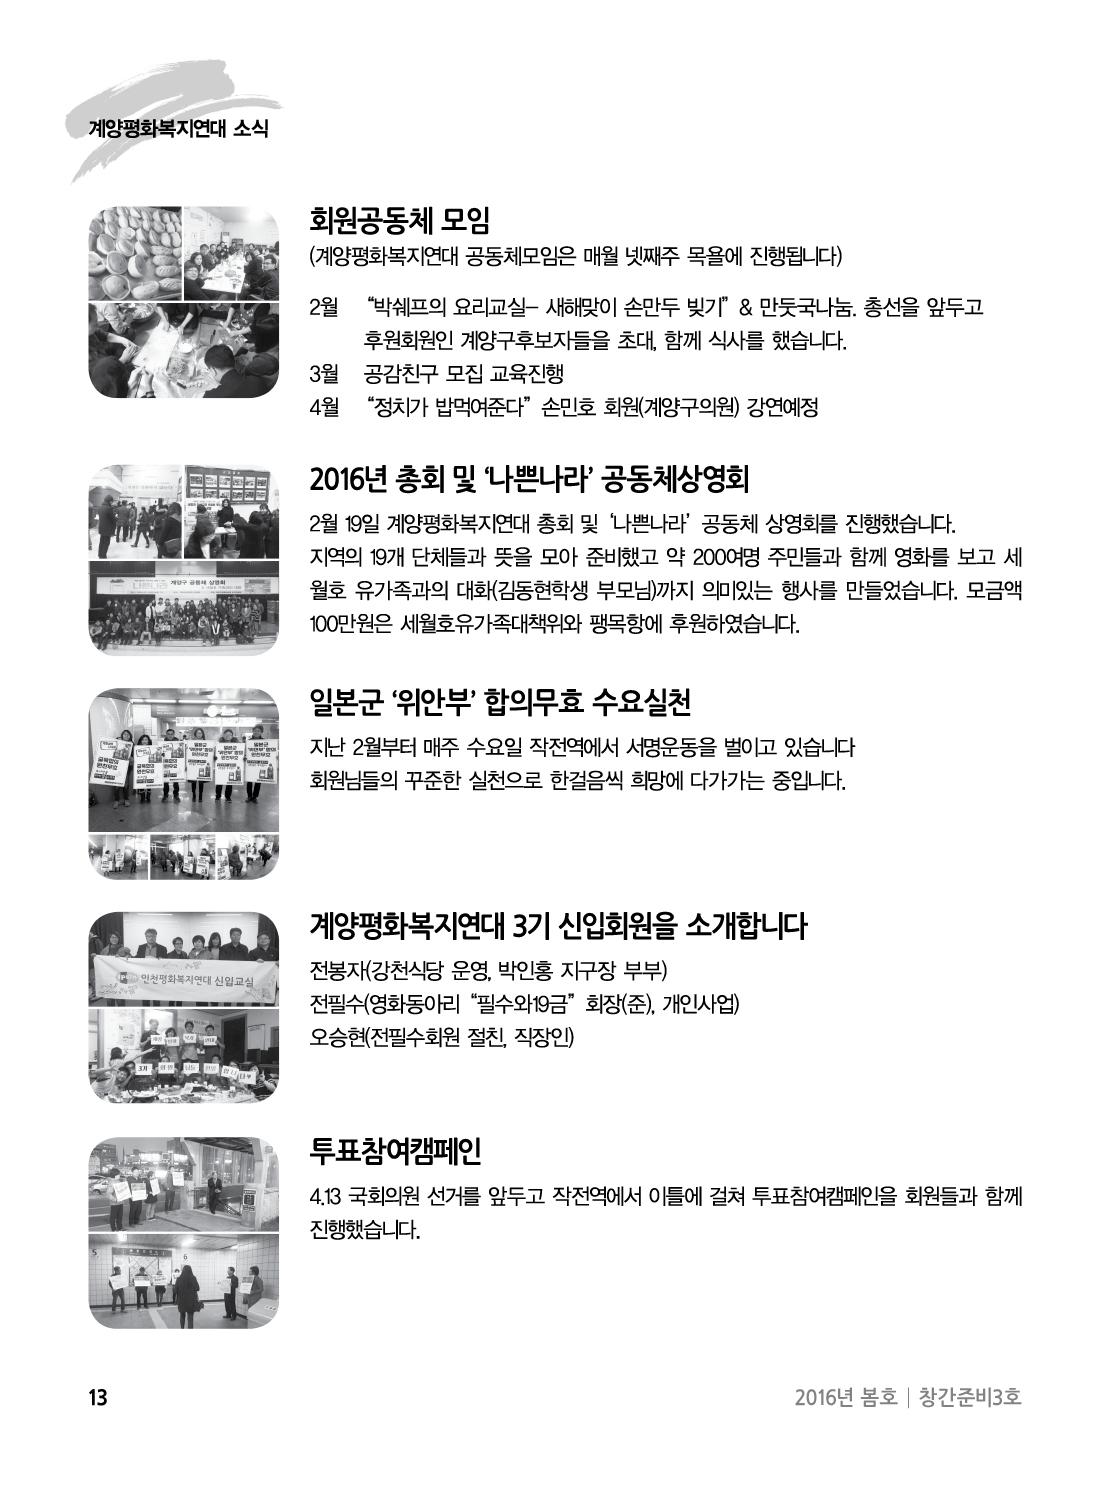 아웃라인 인천평화복지연대 소식지창간준비3호13.jpg